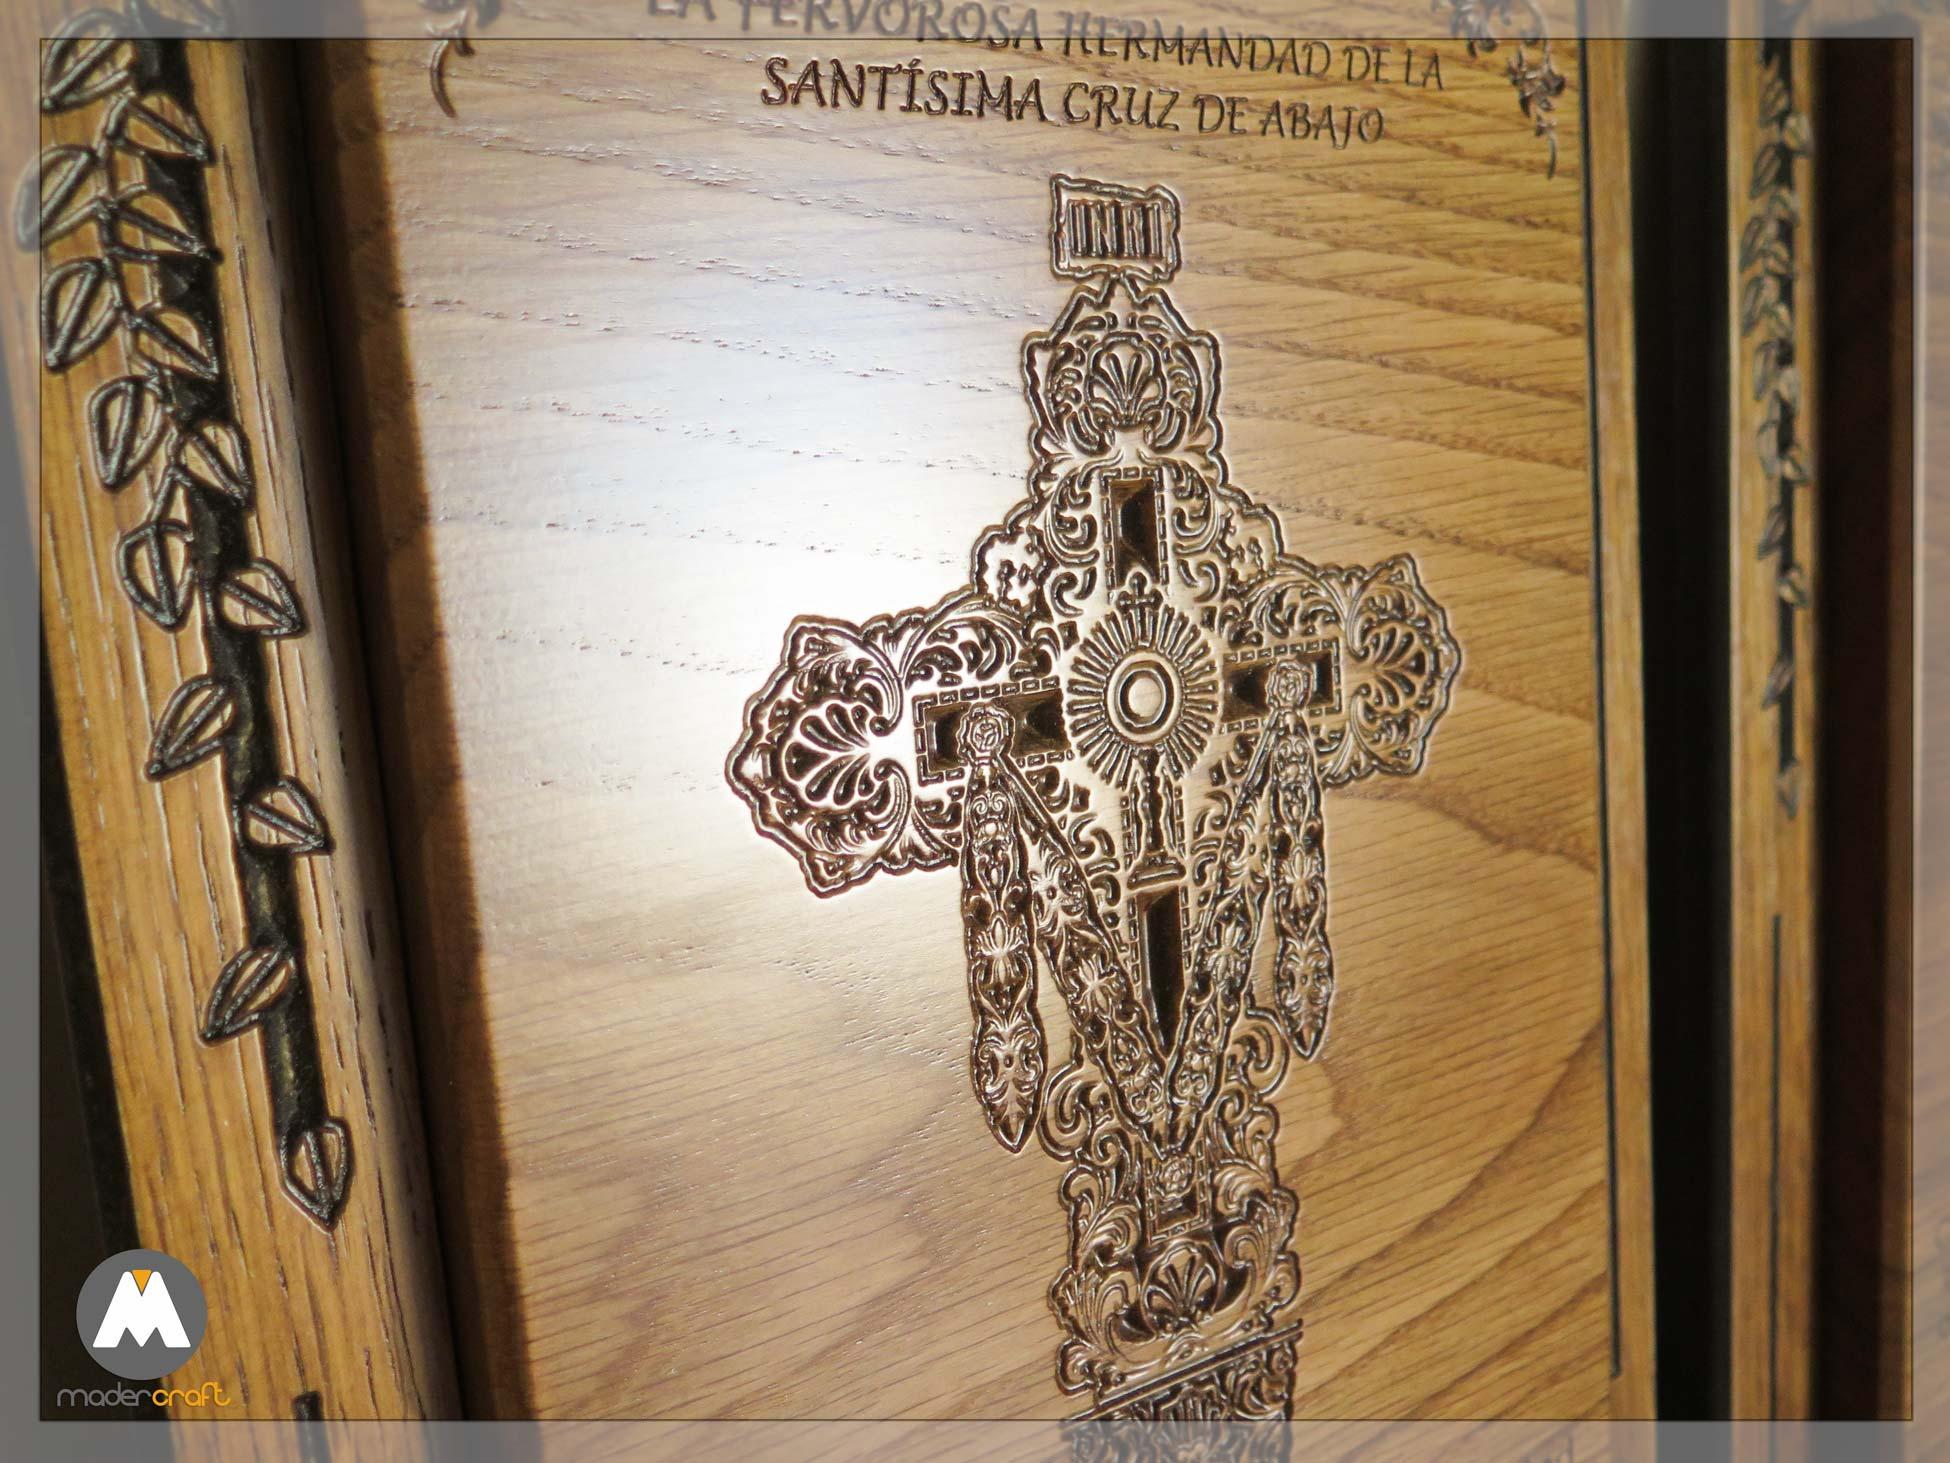 Placa Madera Roble Religiosa Cruz Abajo Paterna del Campo, cruces, iglesia, procesión, agradecimiento, homenaje, tallada